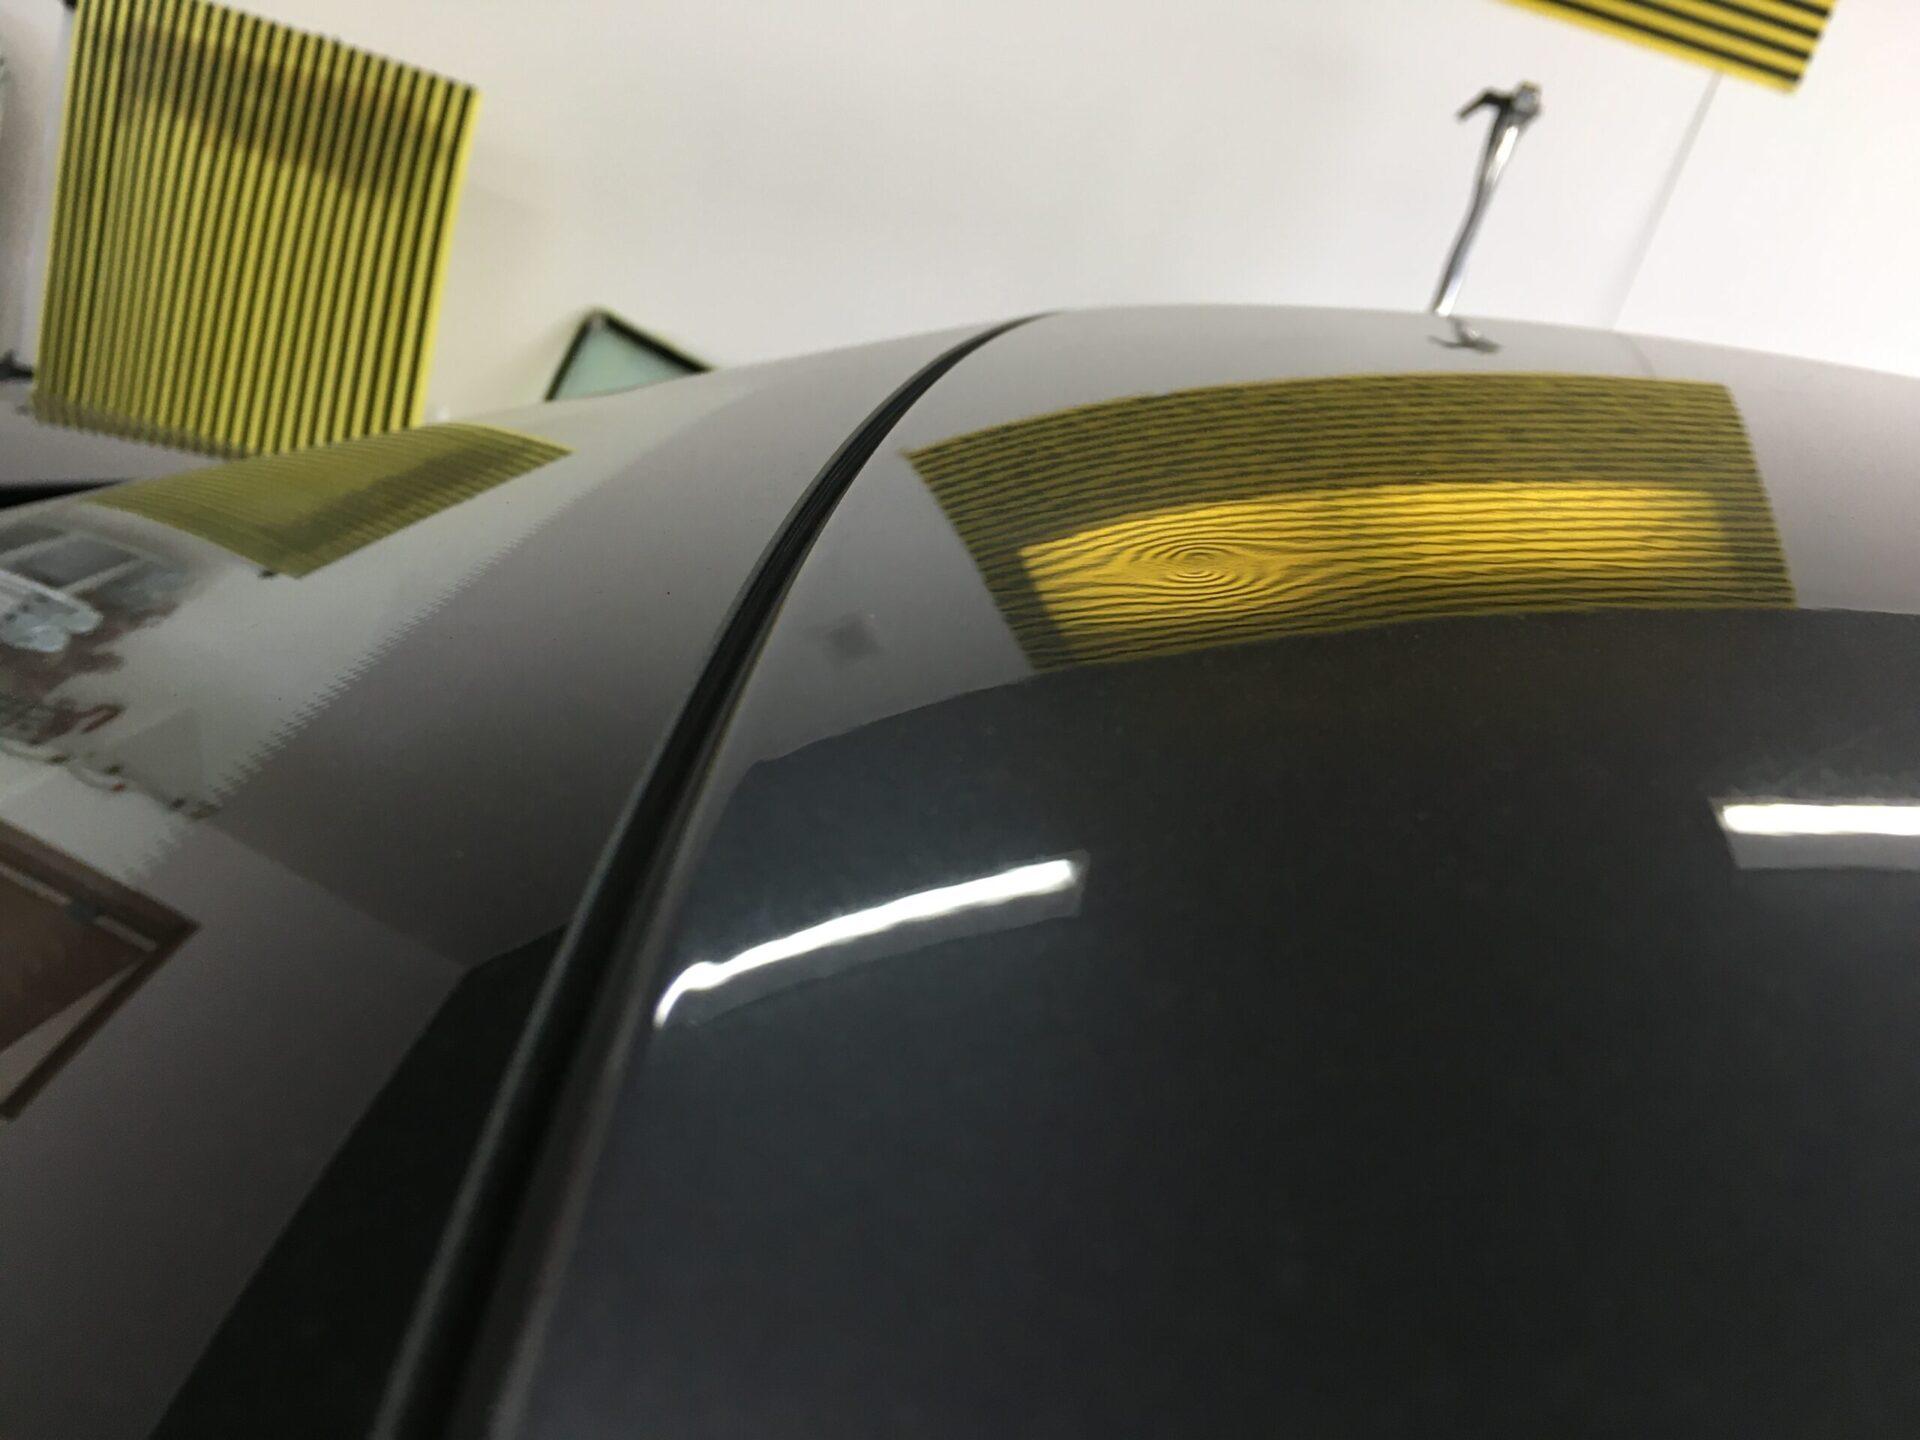 BMWのルーフに出来たヘコミ